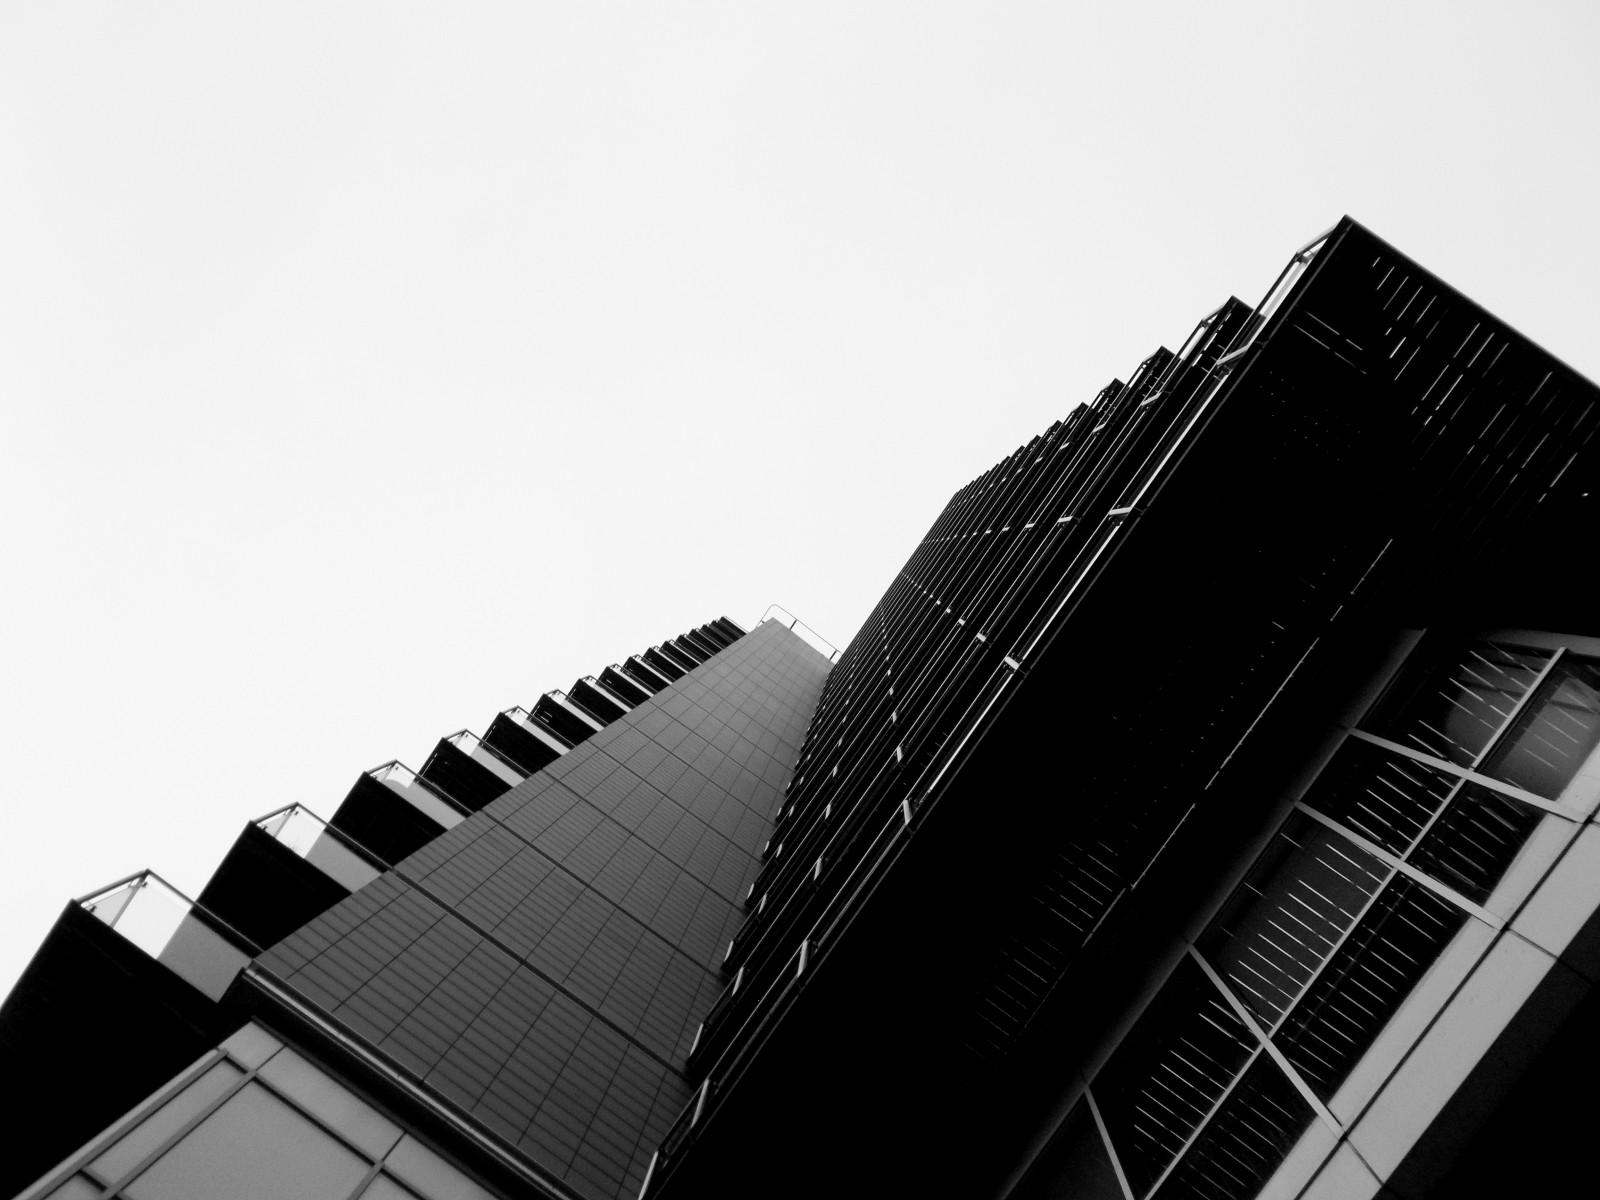 Wallpaper Black And White Building Skyscraper Monochrome